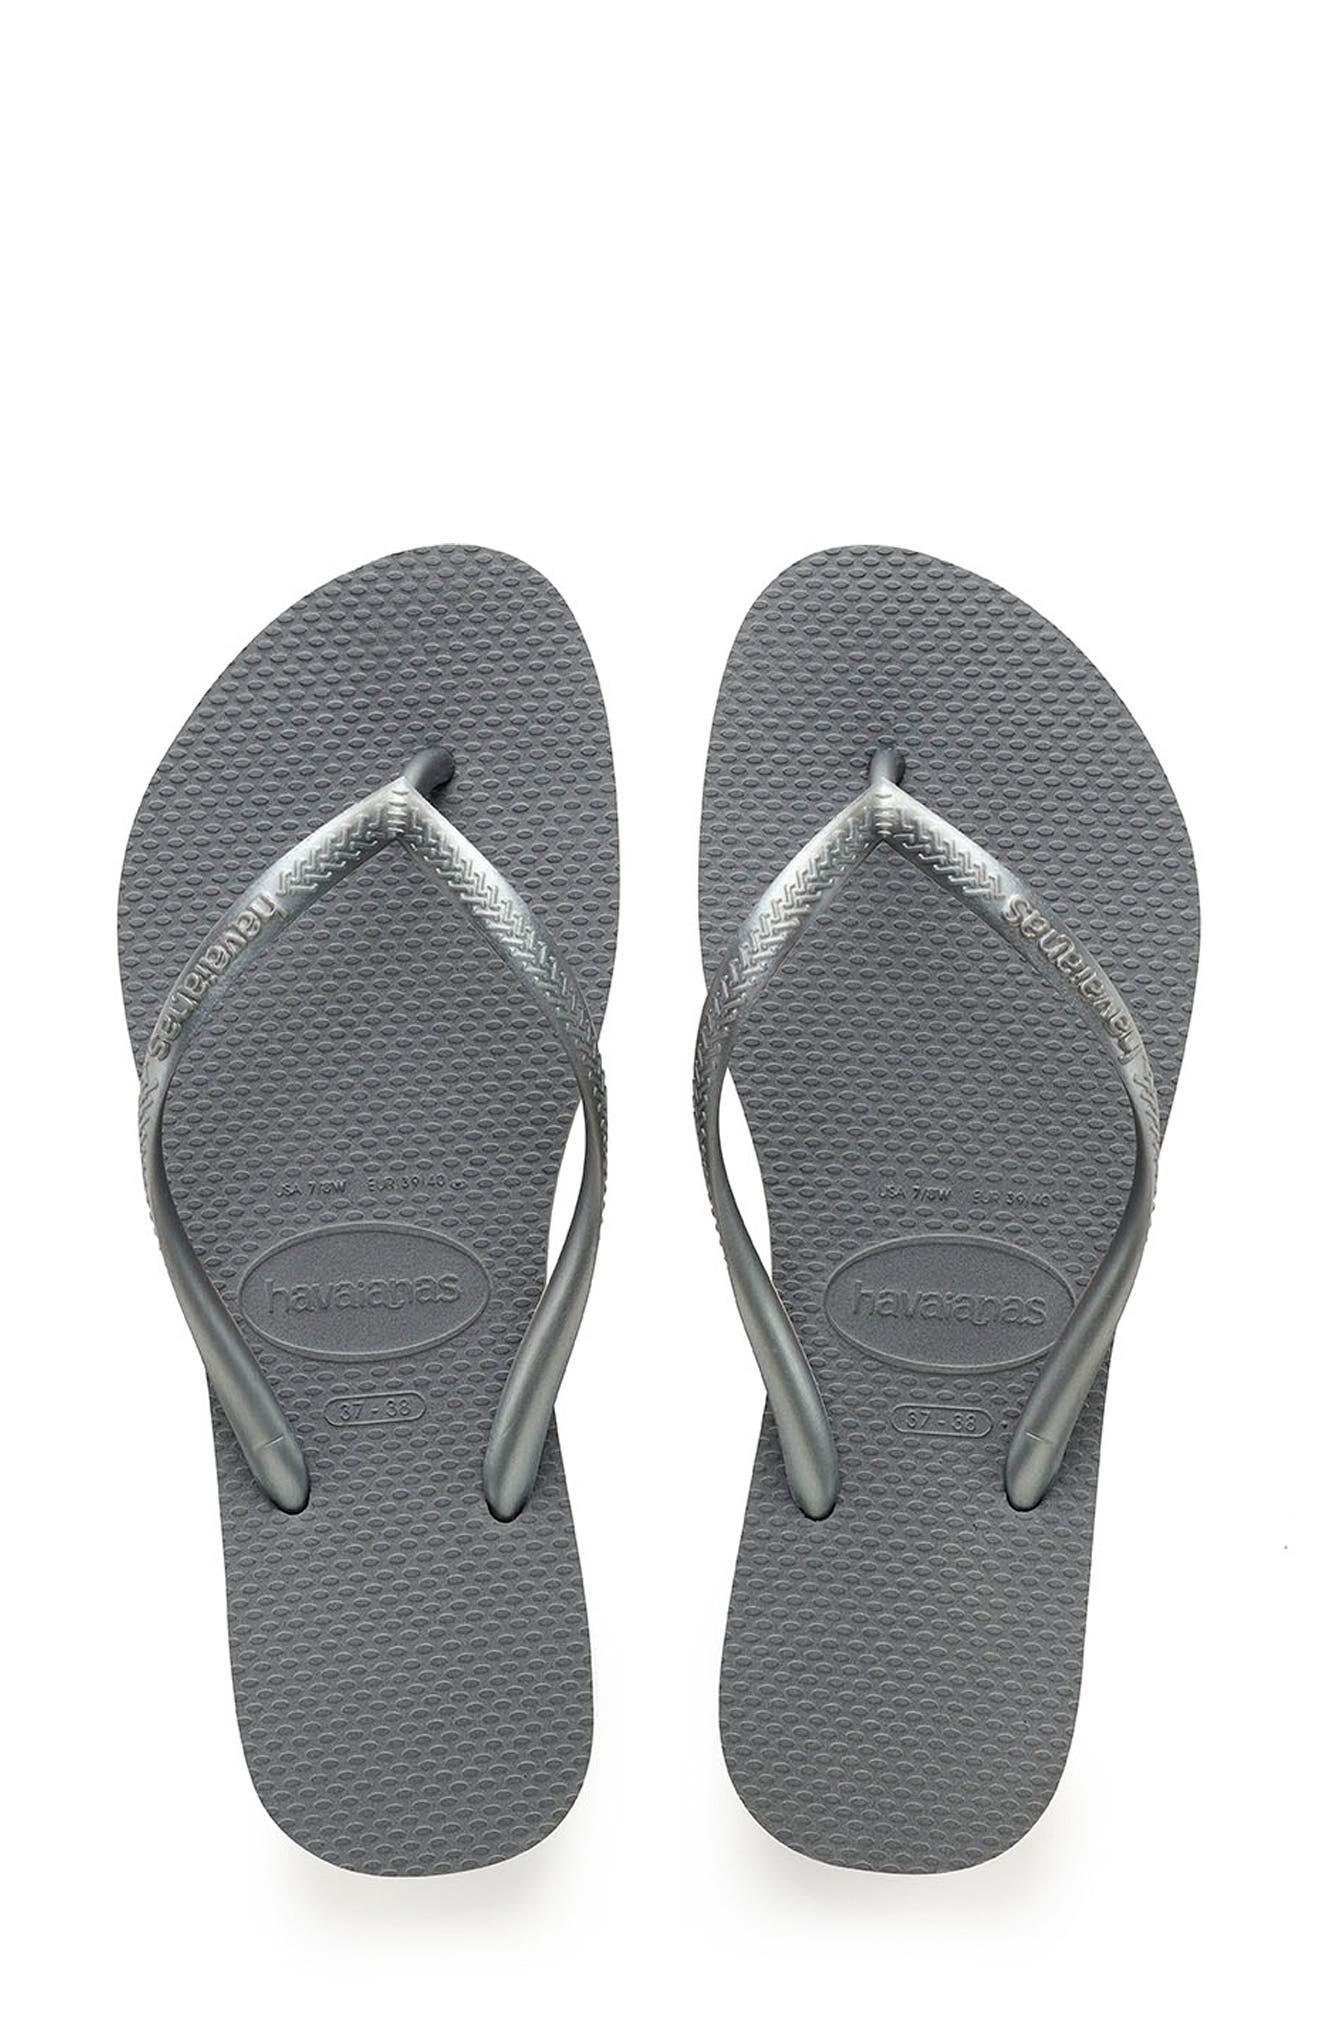 HAVAIANAS 'Slim' Flip Flop, Main, color, STEEL GREY